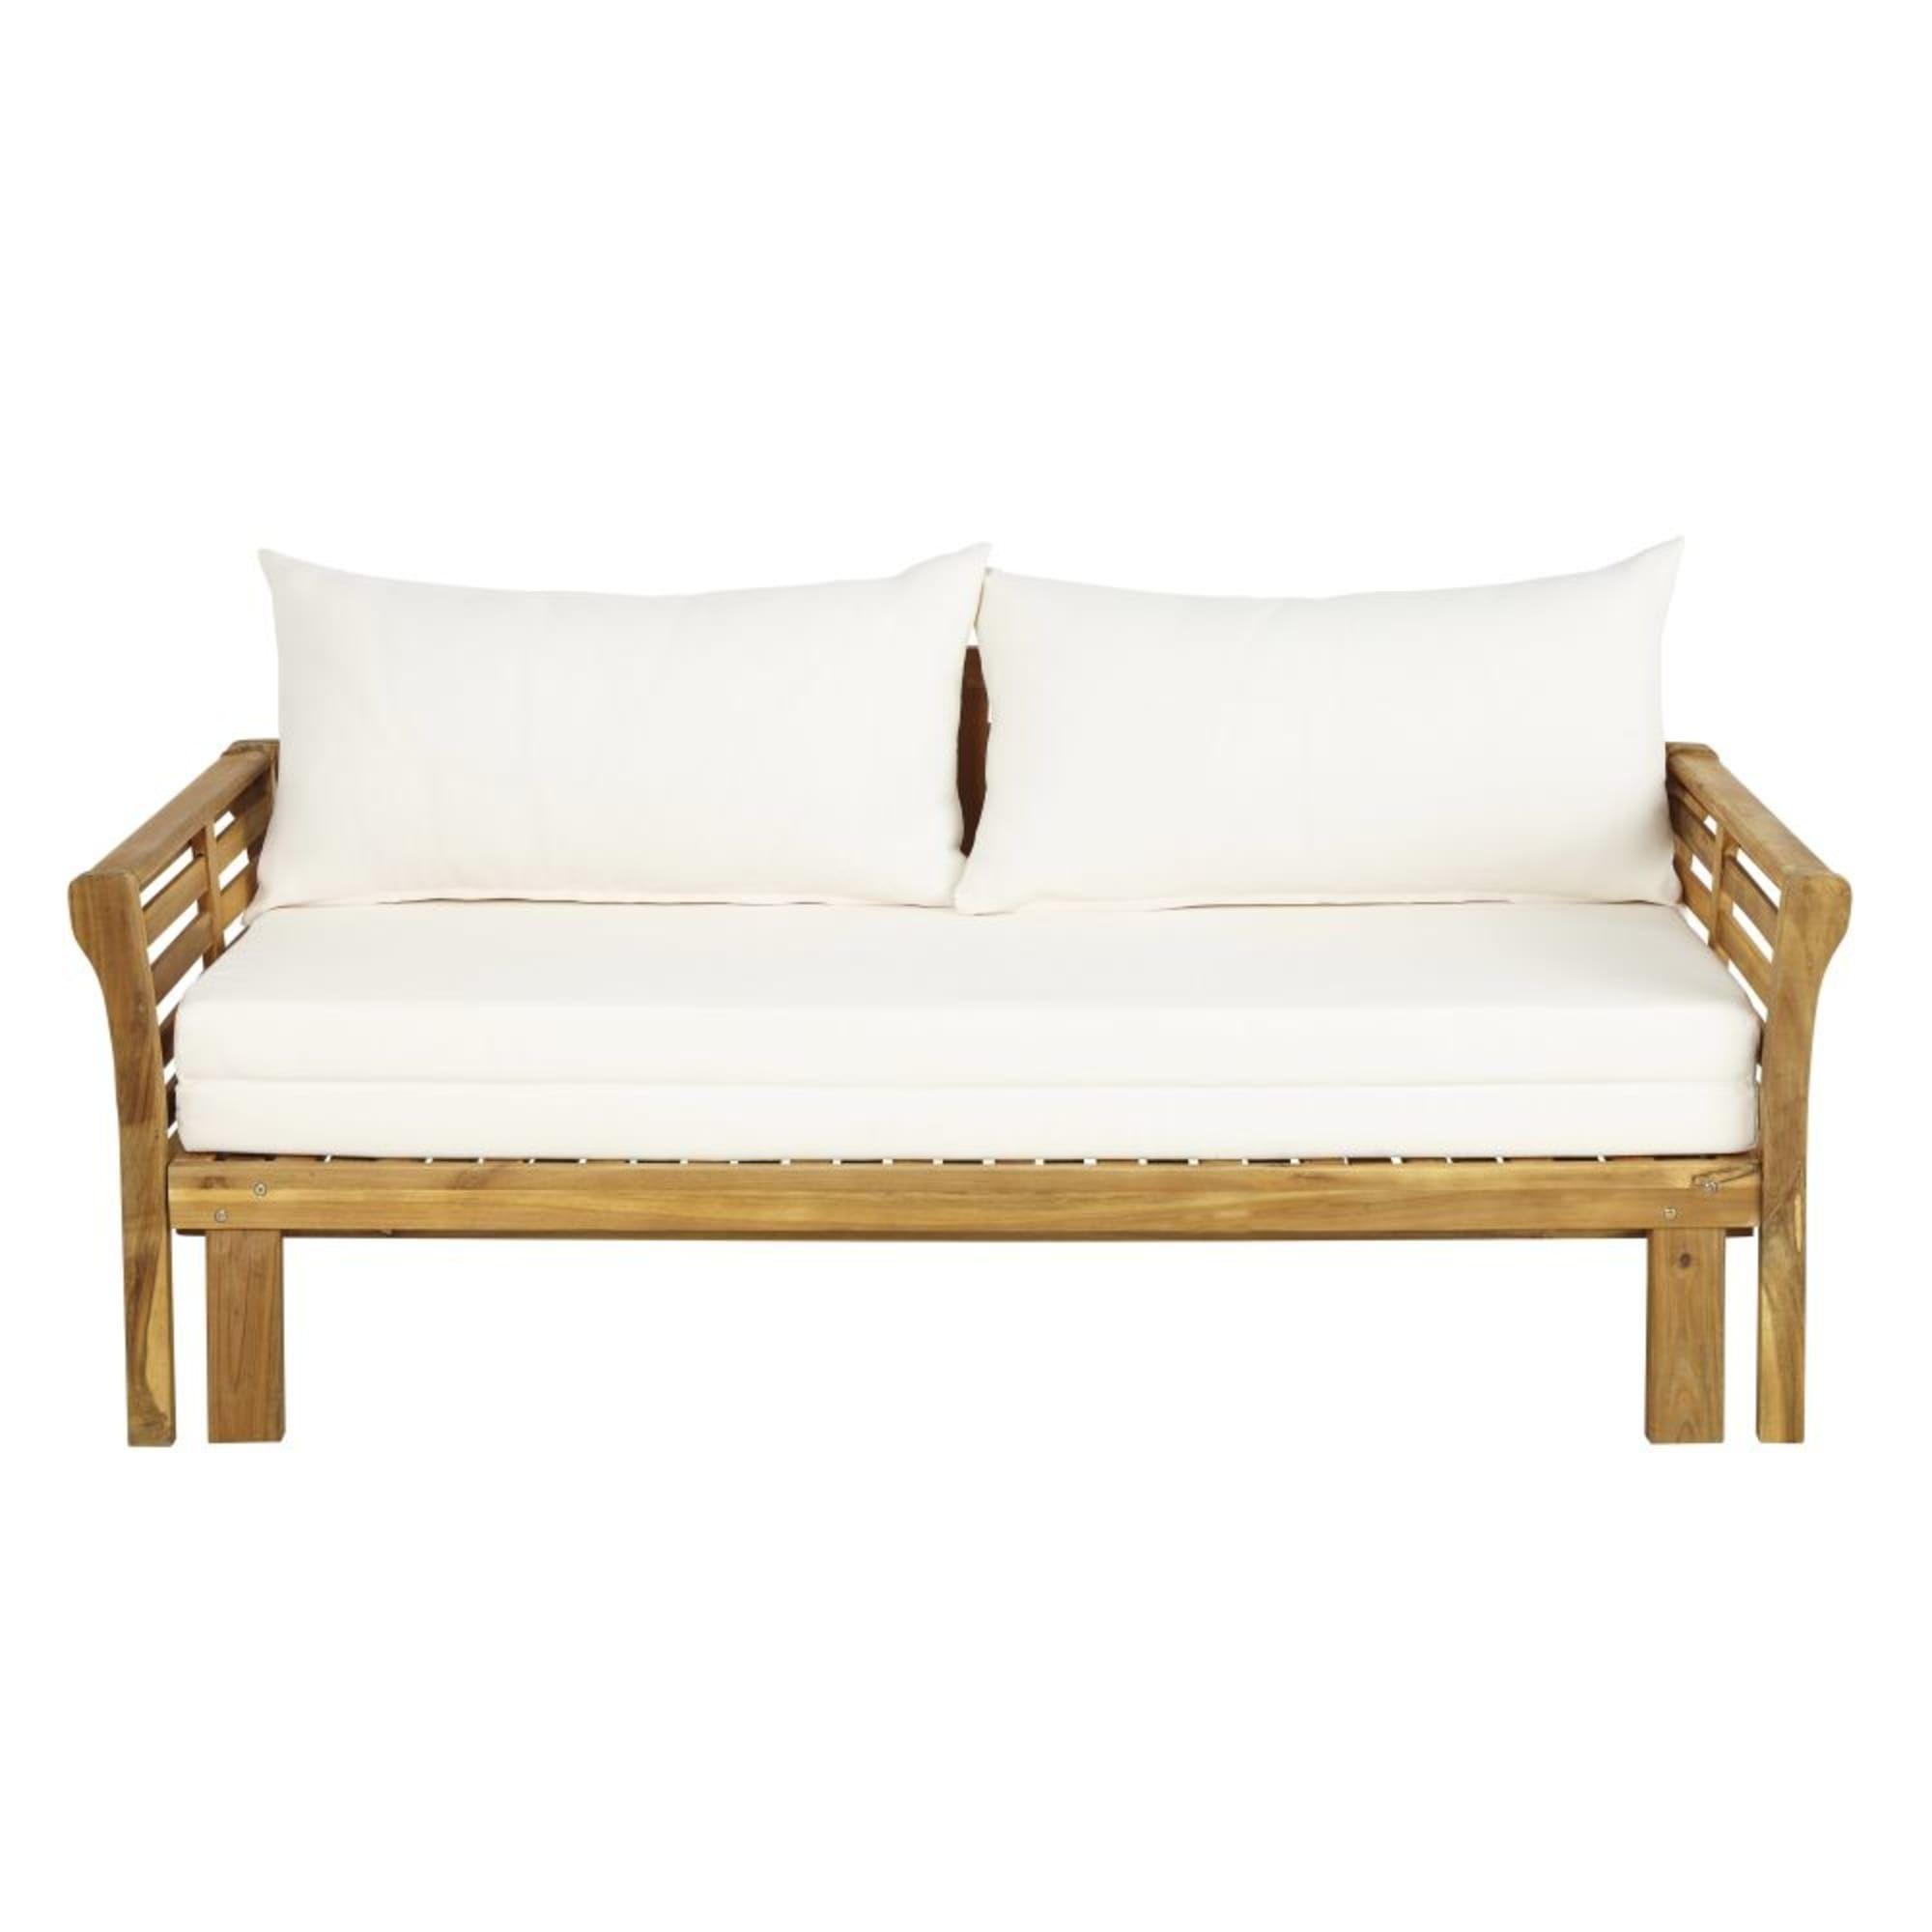 Pin Von Christina Spatzenegger Auf Outdoor Mobel Gartensofa Sofa Bett Outdoor Sofa